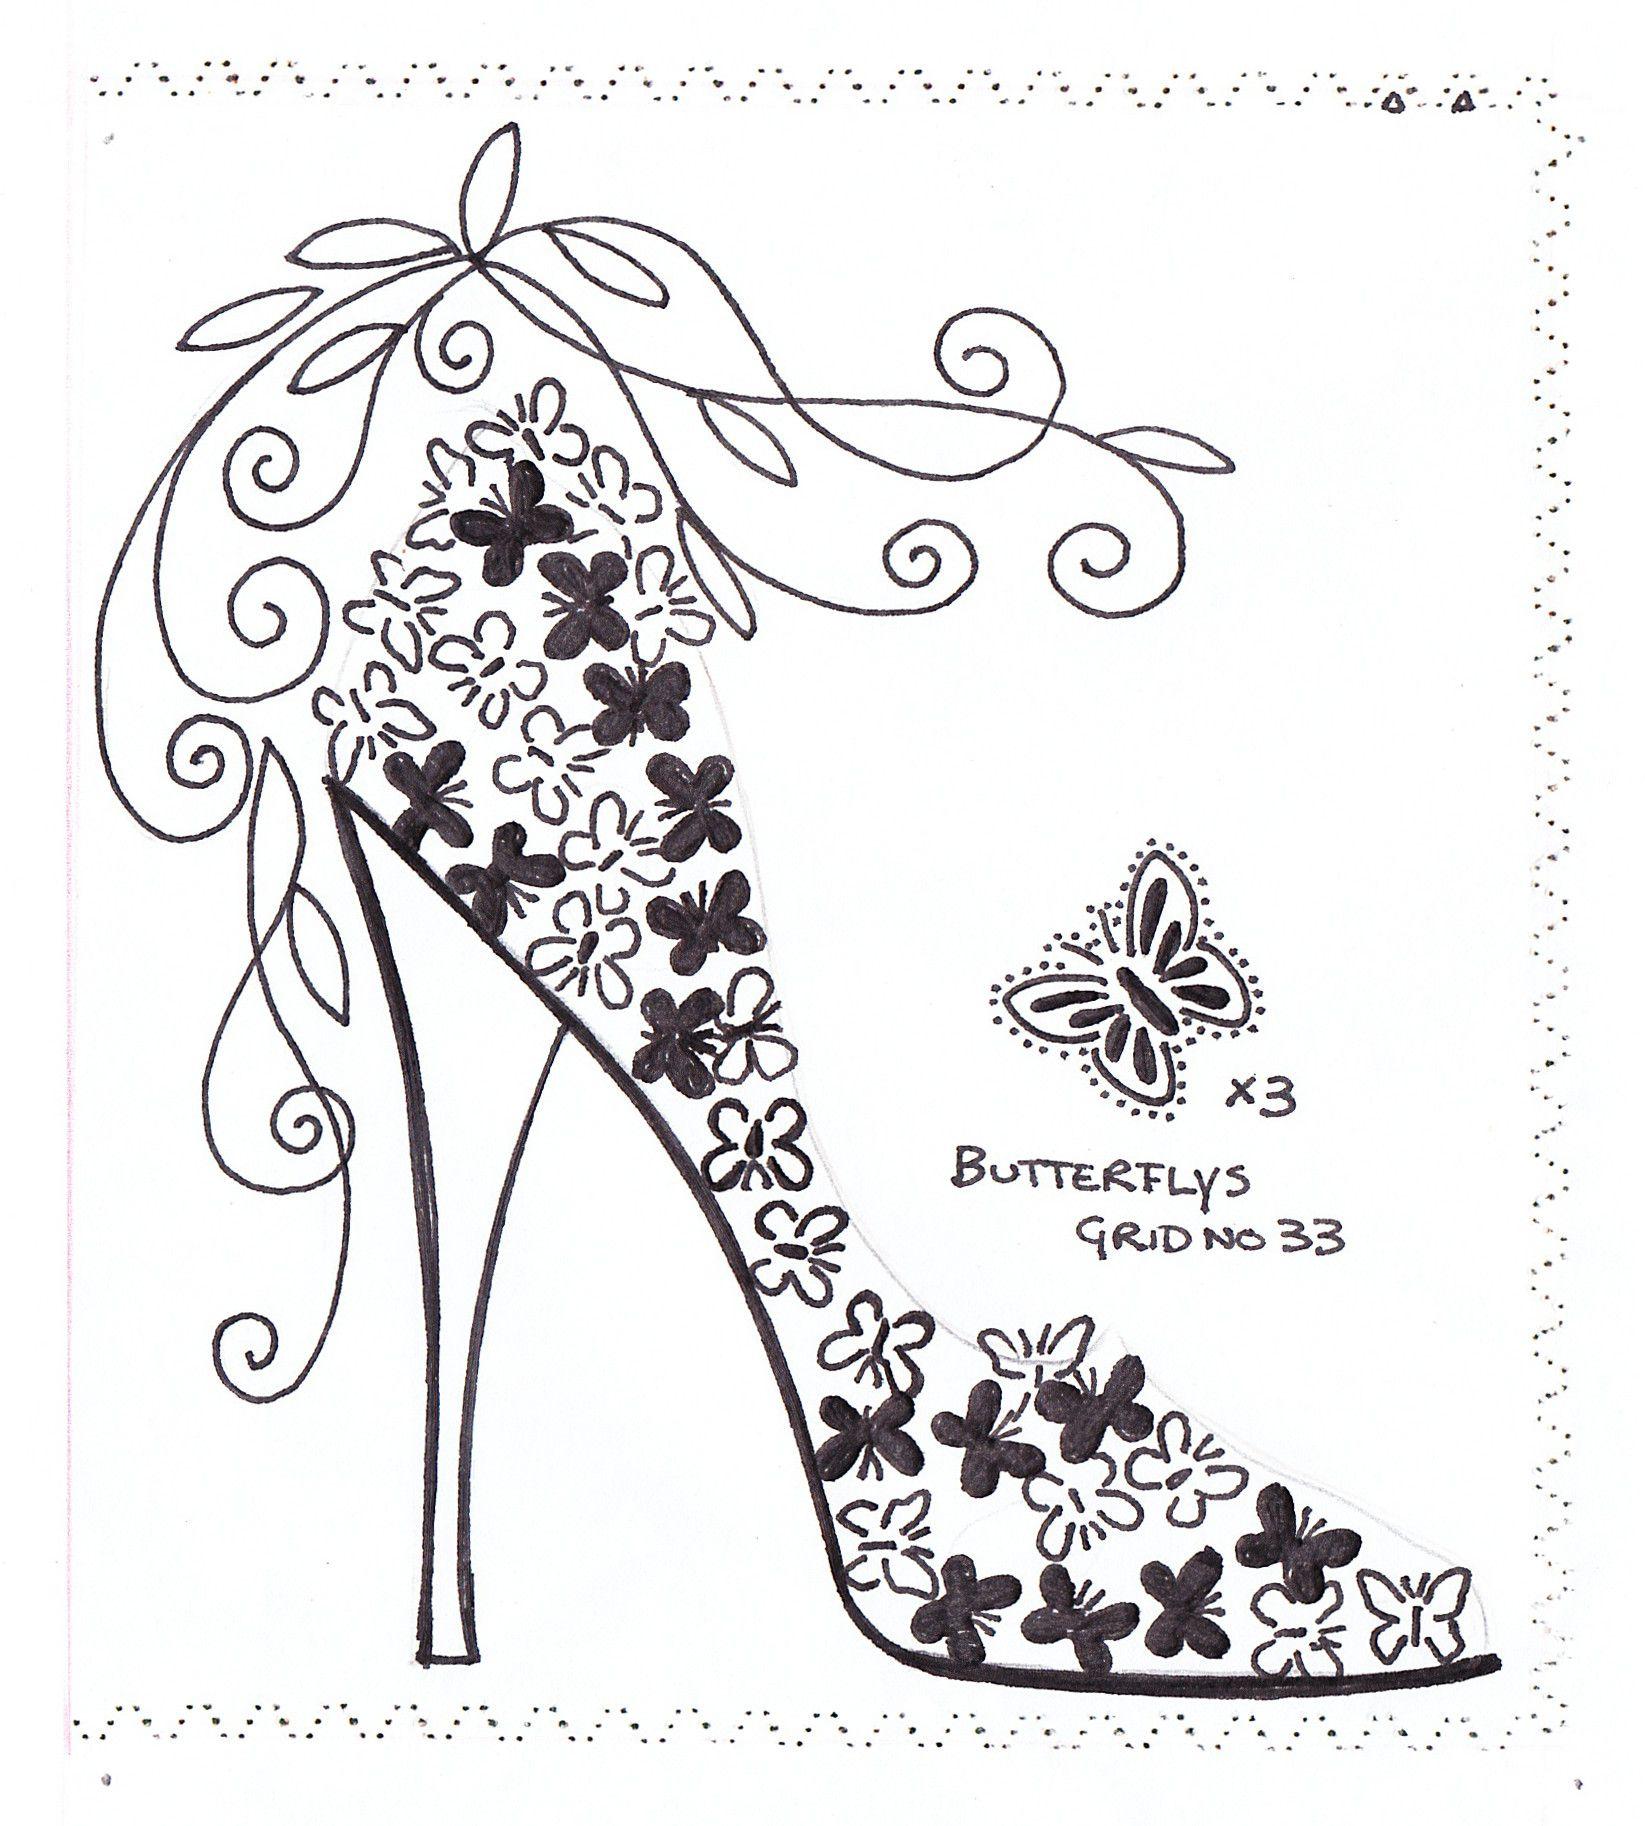 zapato de mariposas transfer pinterest butterfly shoes